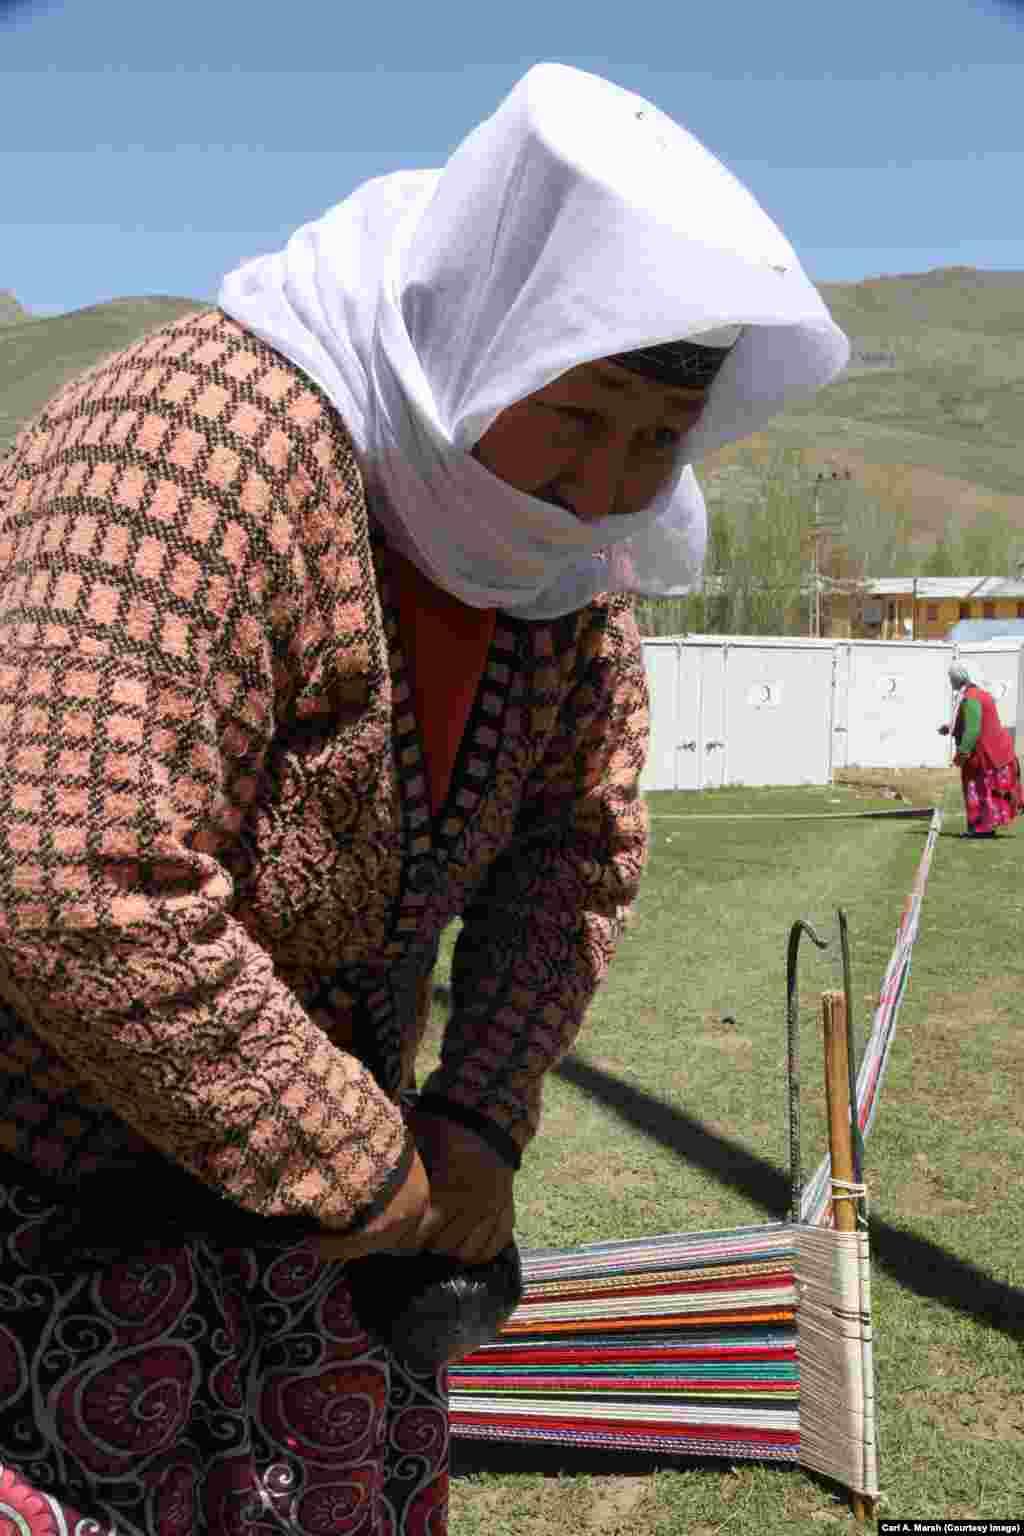 Ұлы Памир тұрғыны алаша тоқып тұр. Қырғыздар тоқыма бұйымдарын Ван қаласына апарып сатады.